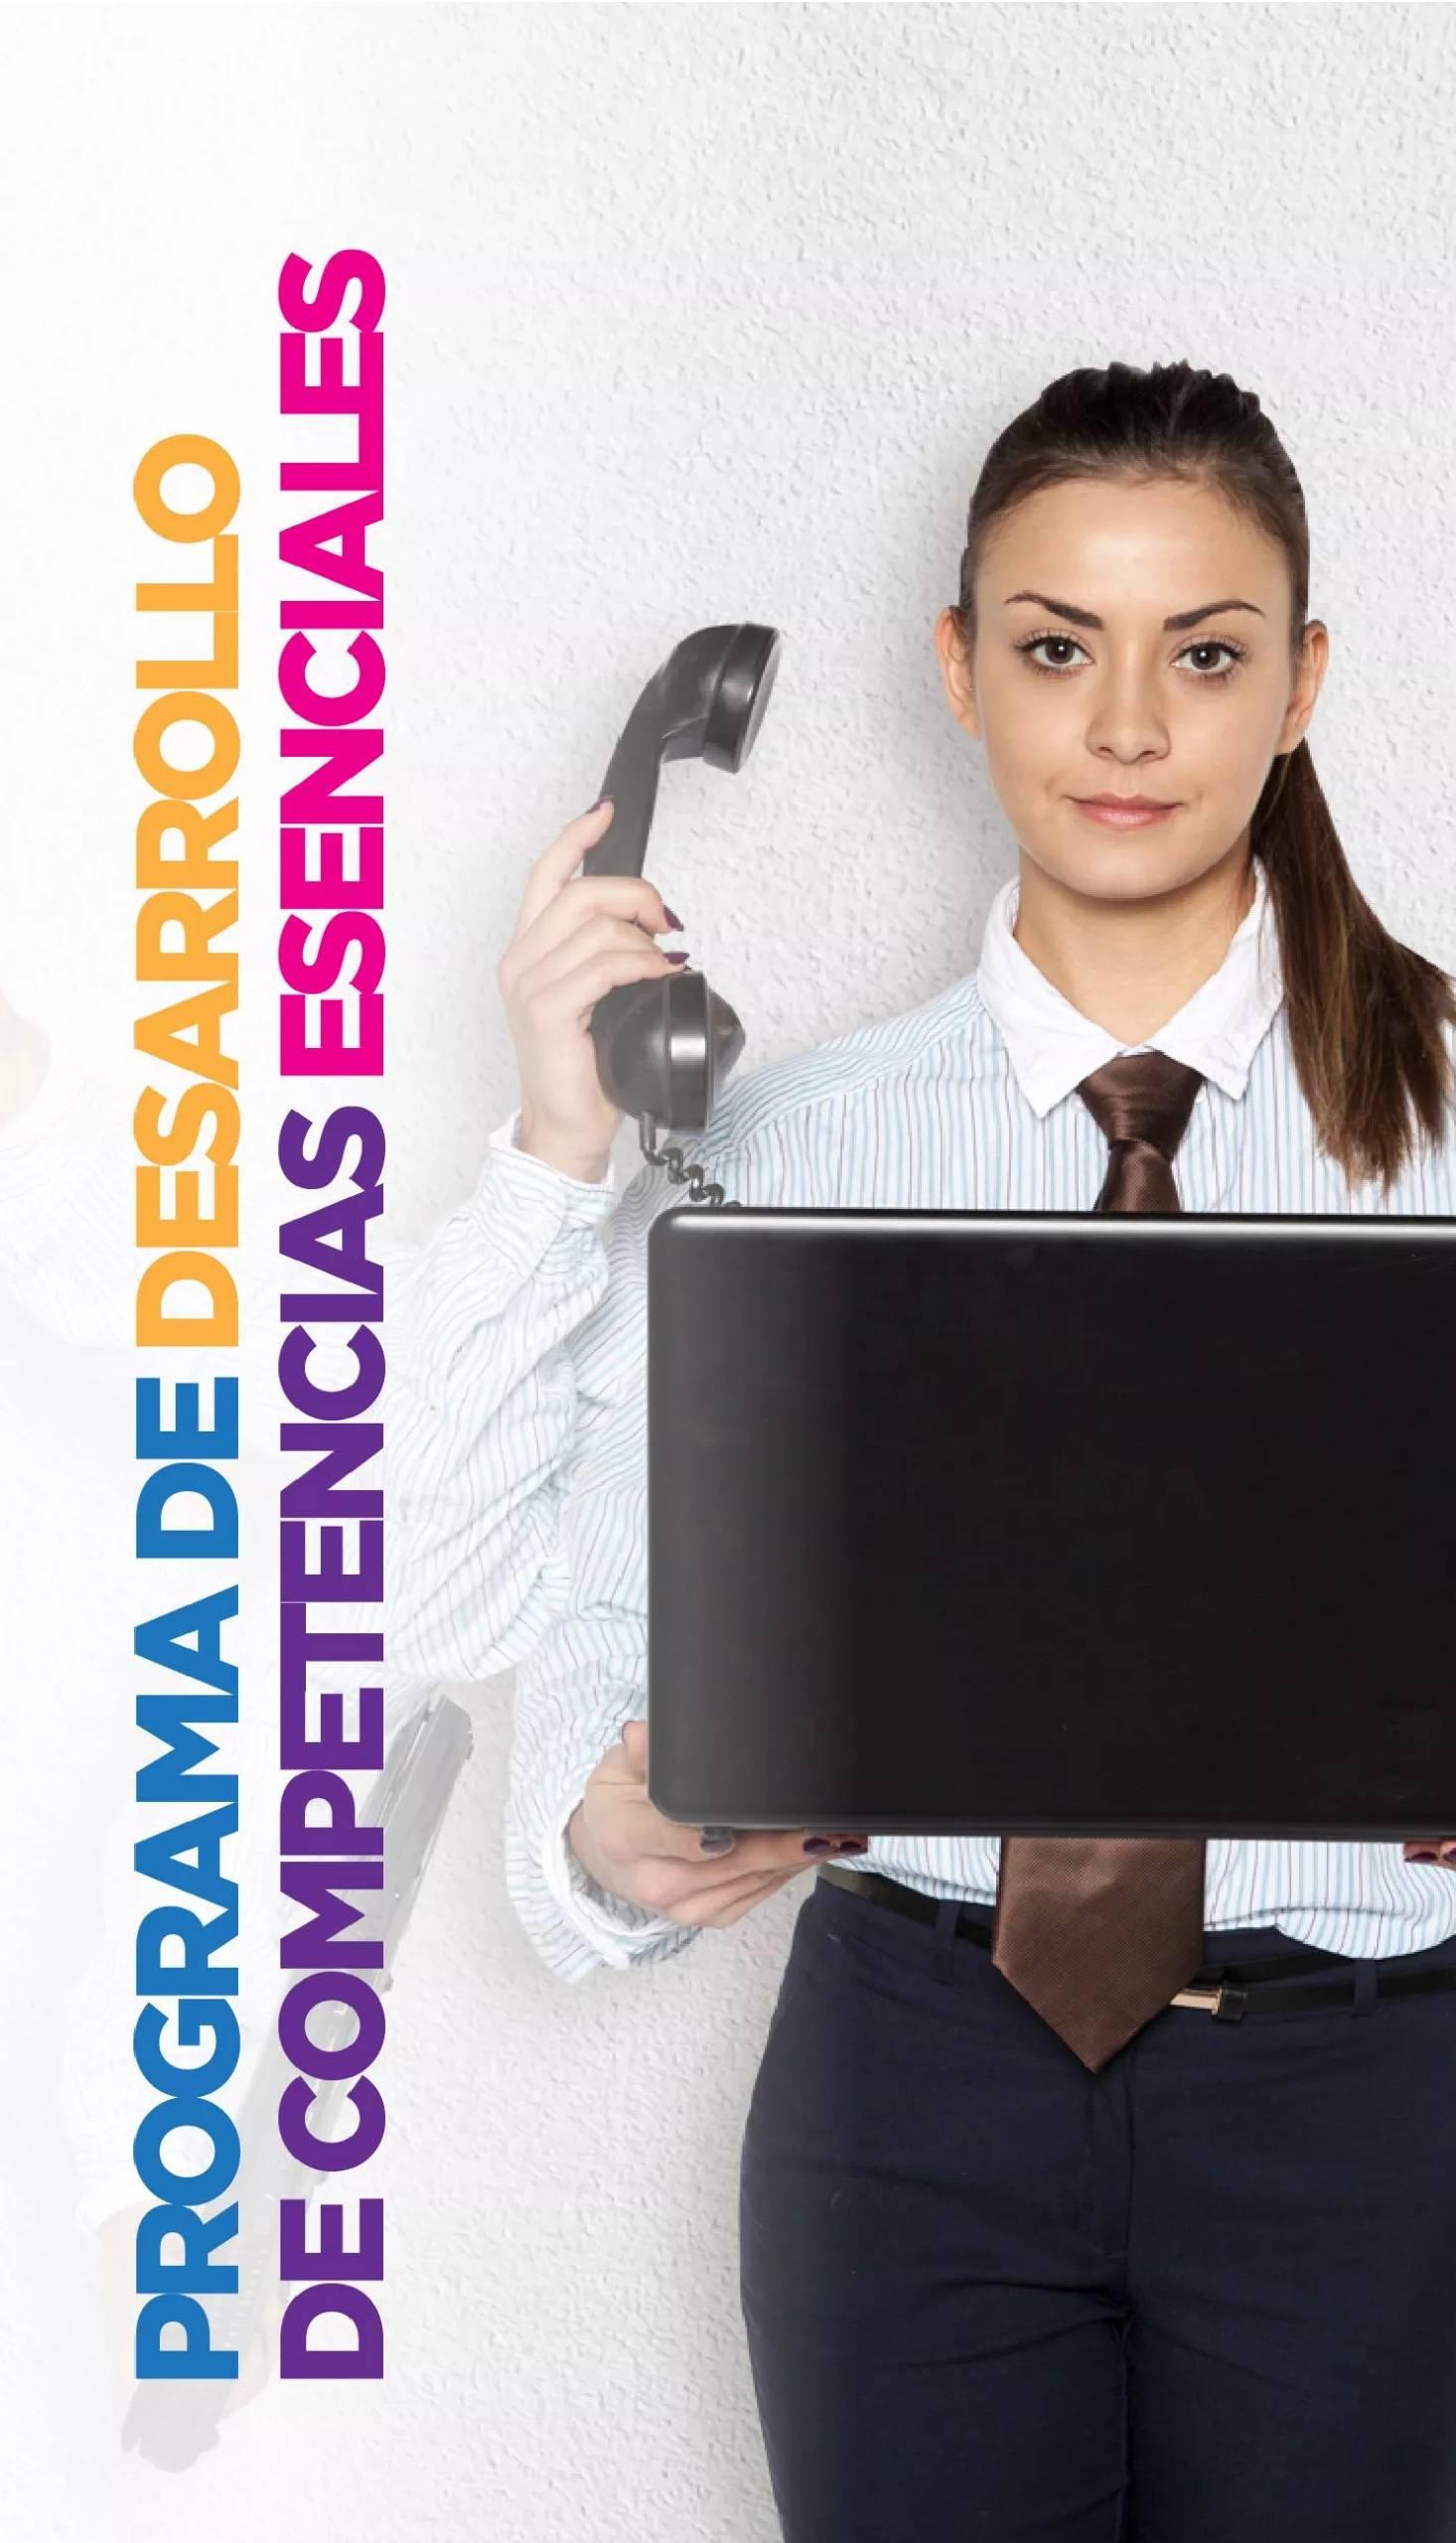 desarrollo de competencias profesionales